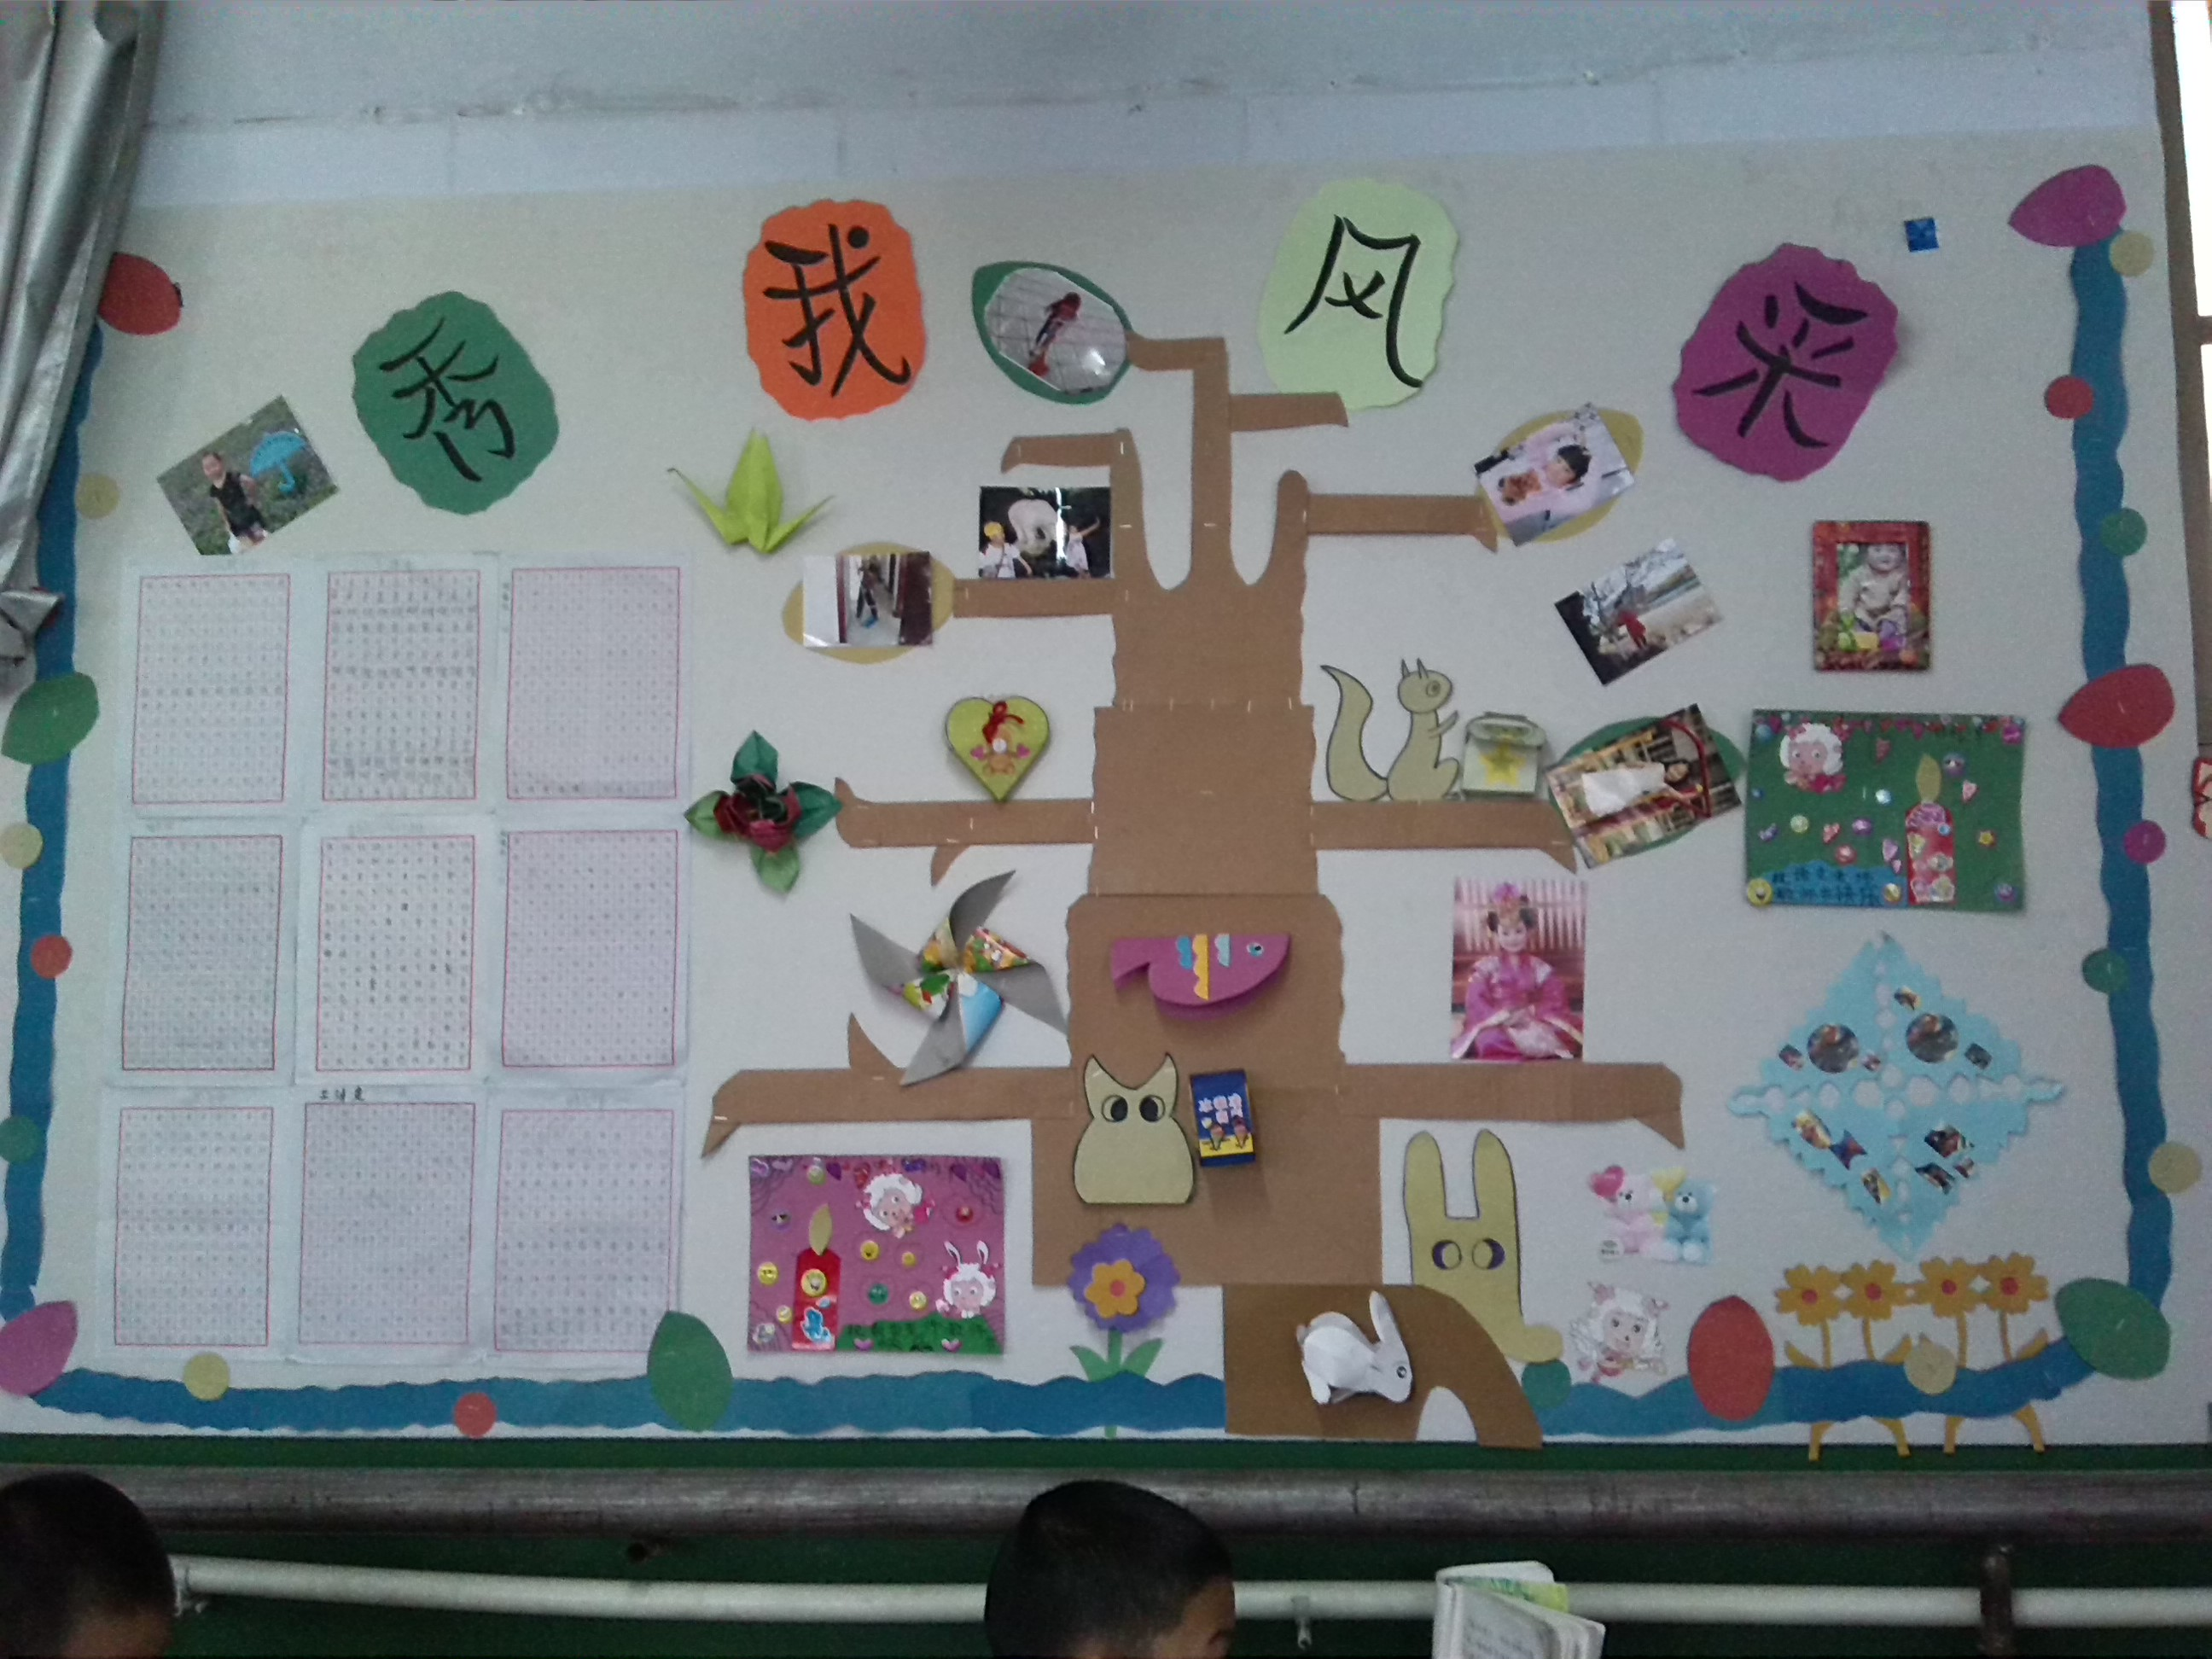 03年教室文化墙布置 - 教案设计上传 - 活动 - 未来网